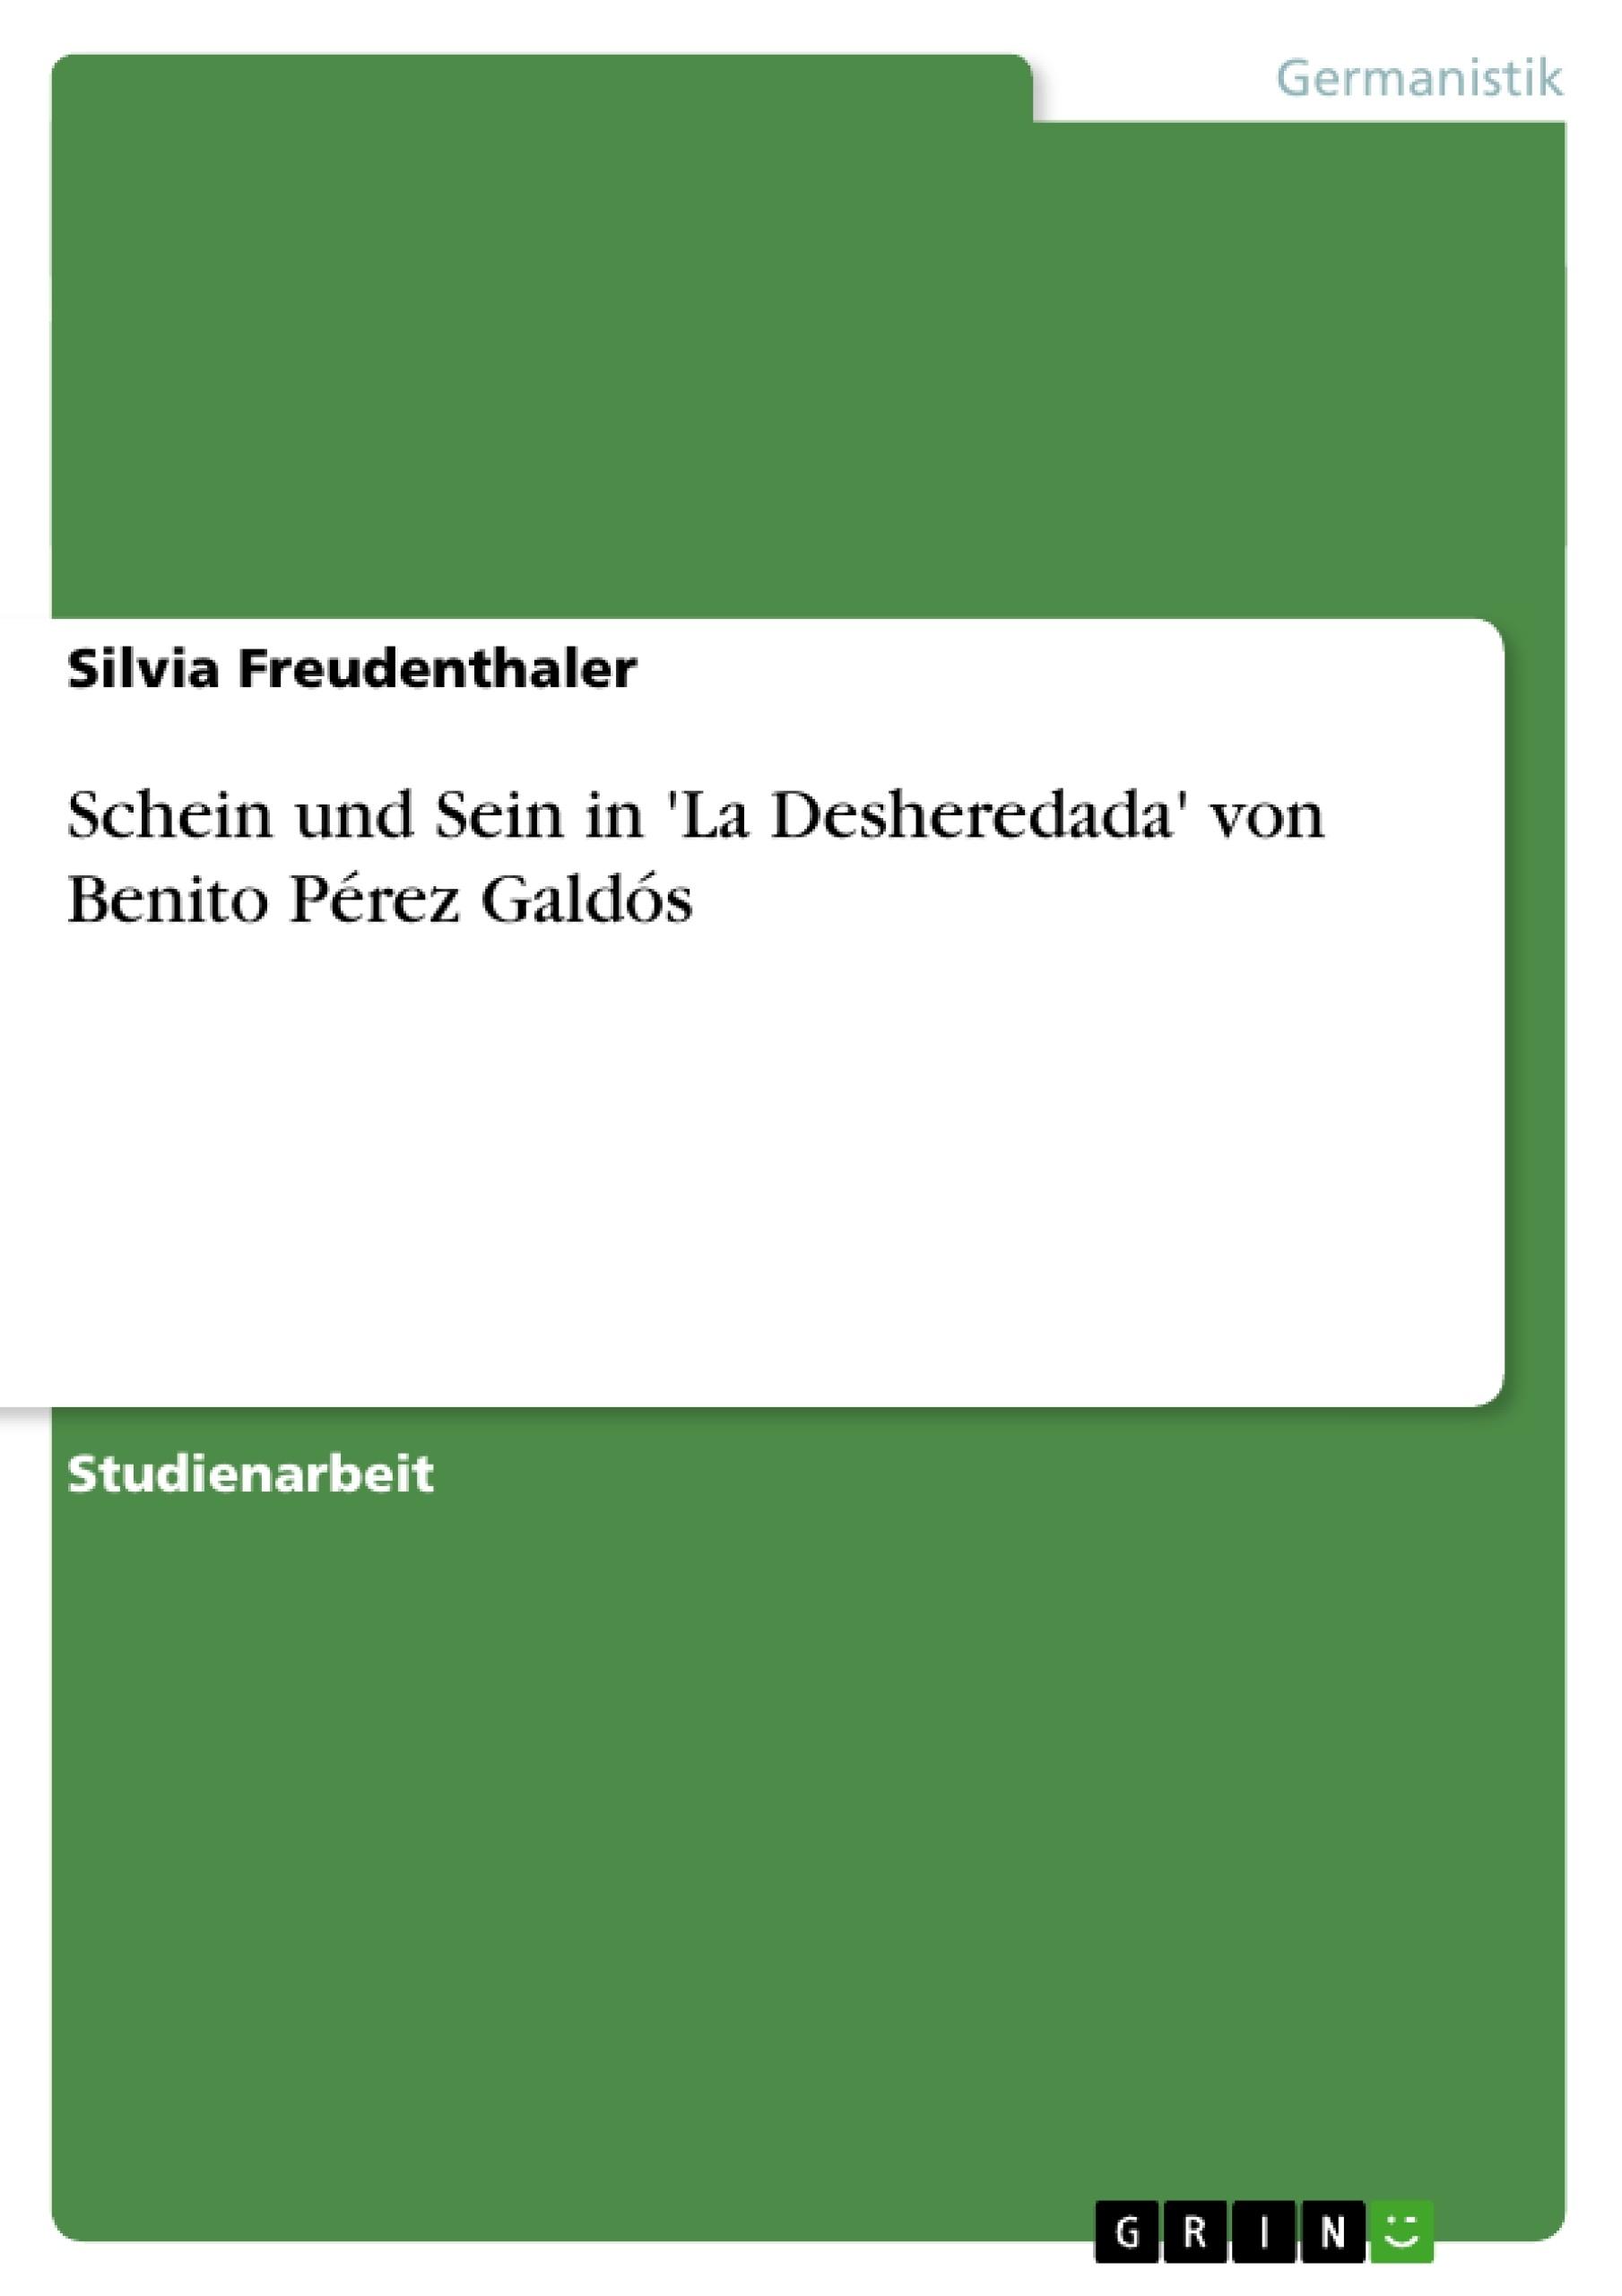 Titel: Schein und Sein in  'La Desheredada' von Benito Pérez Galdós